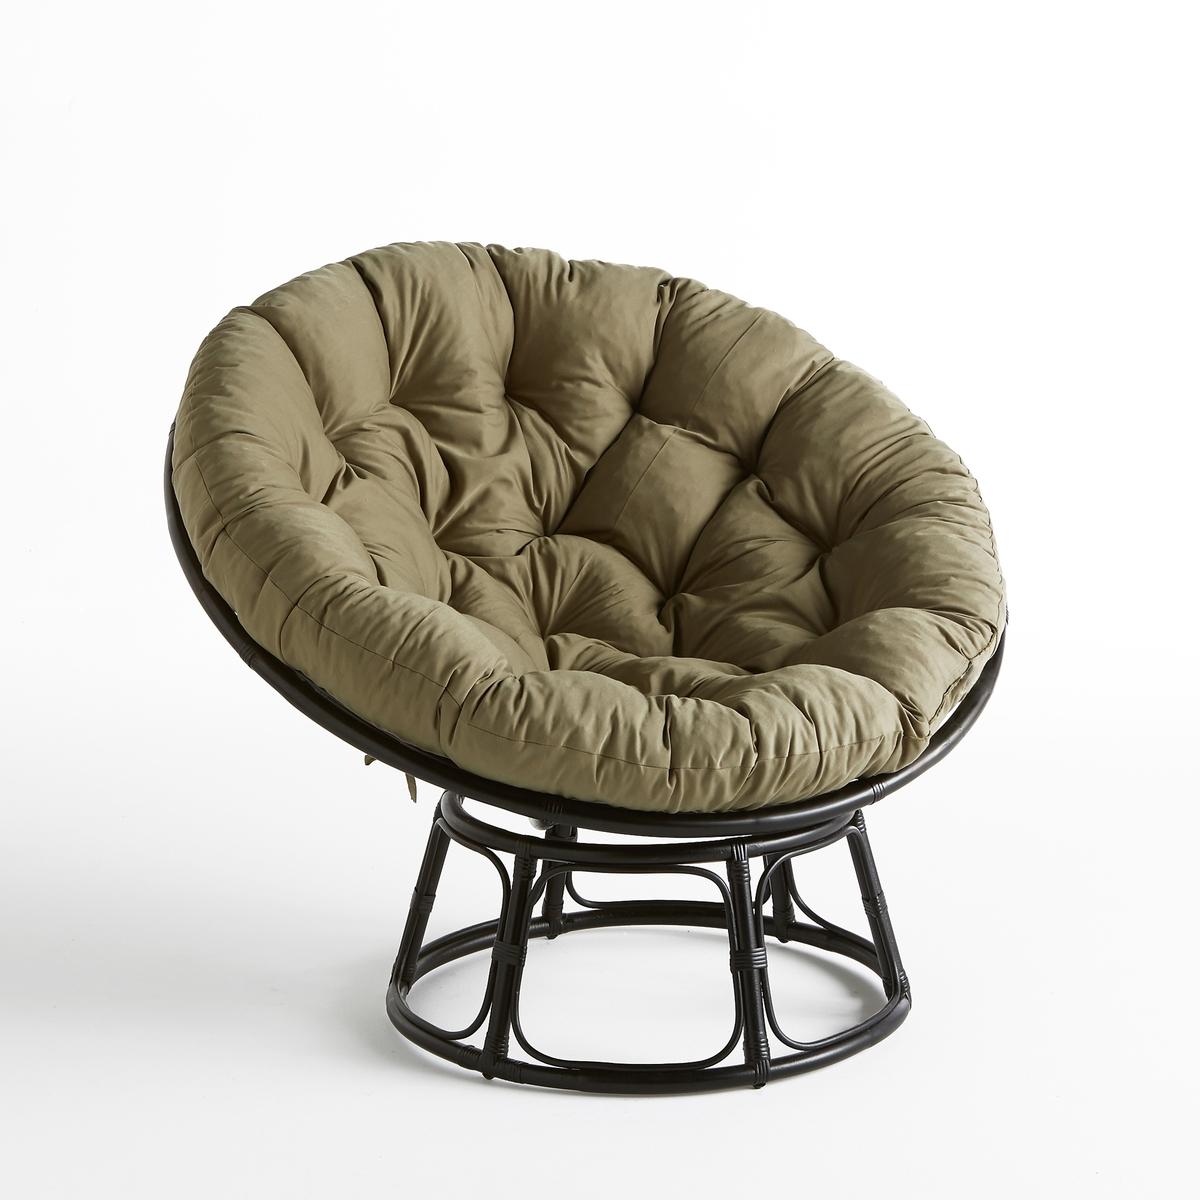 Кресло папасан из ротанга AraniasКресло папасан Aranias. Удобное и уютное кресло в традиционном колониальном стиле идеально для минут отдыха. Сиденье на цоколе позволяет варьировать угол посадки и находиться в нем сидя или полулежа.Характеристики : - Каркас сиденья и цоколь из ротанга- Подушка в съемном чехле из 100% полиэстера, наполнитель из пенопластовых шариков, завязки для крепления к каркасу. Размеры  : 47 см : ?115 см- Основание : ?70 см в самом широком месте- Высота сиденья: 60 смРазмеры и вес упаковки :- Ш116 x В34 x Г116 см, 4,5 кг, Ш71 x В31 x Г71 см, 2,2 кг и Ш131 x В10 x Г131 см, 6,67 кг :Доставка по предварительному согласованию, возможен подъём на этаж ! ! .<br><br>Цвет: хаки/черный